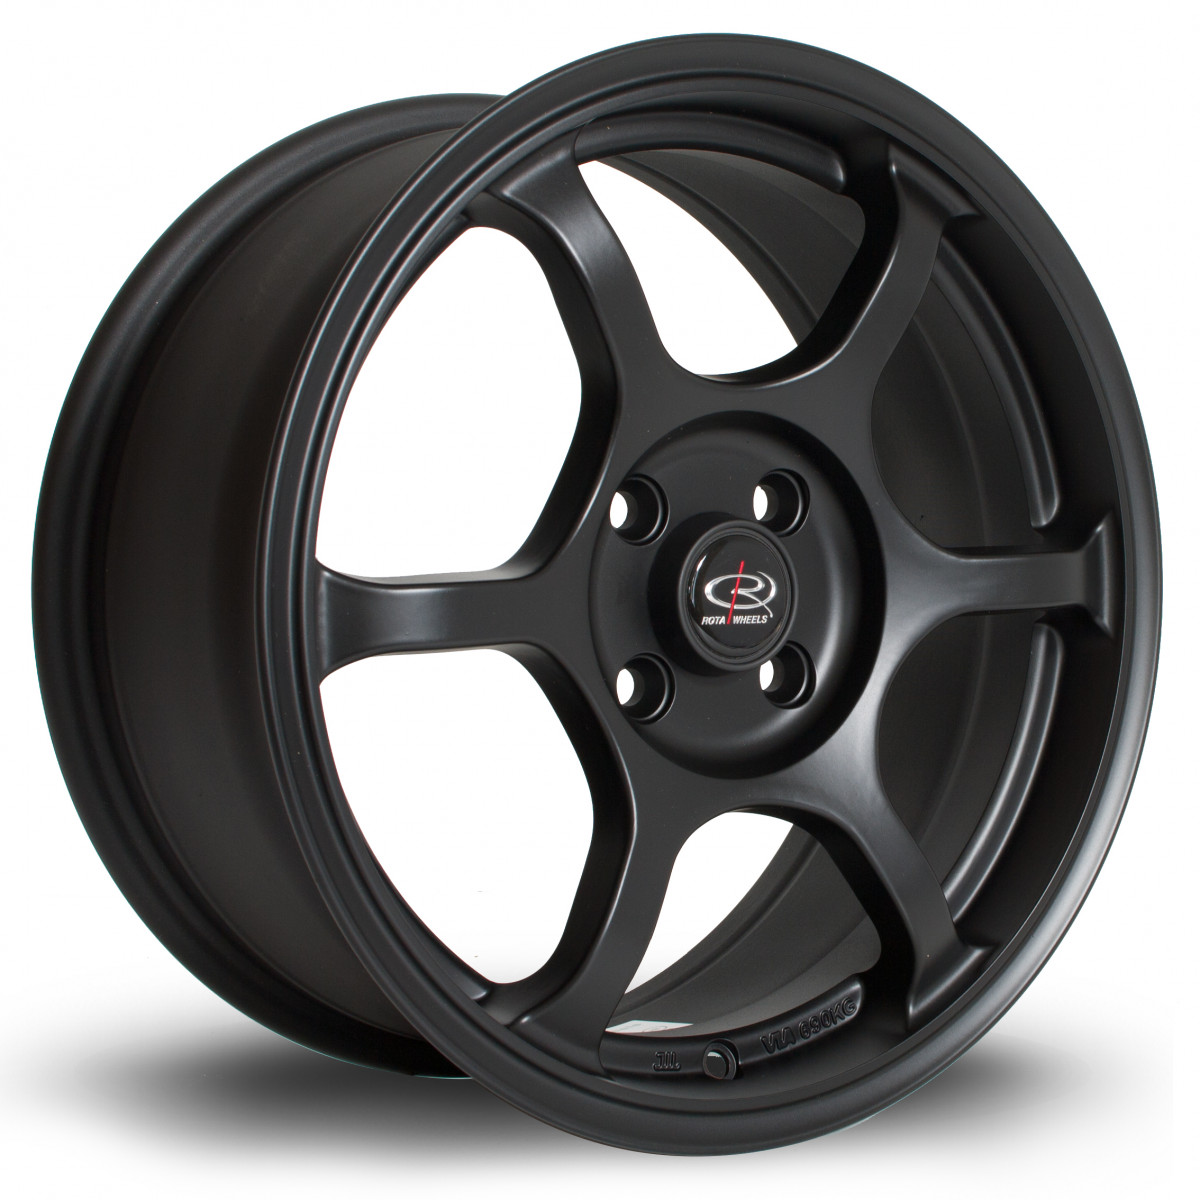 Boost 16x7 4x100 ET45 Flat Black